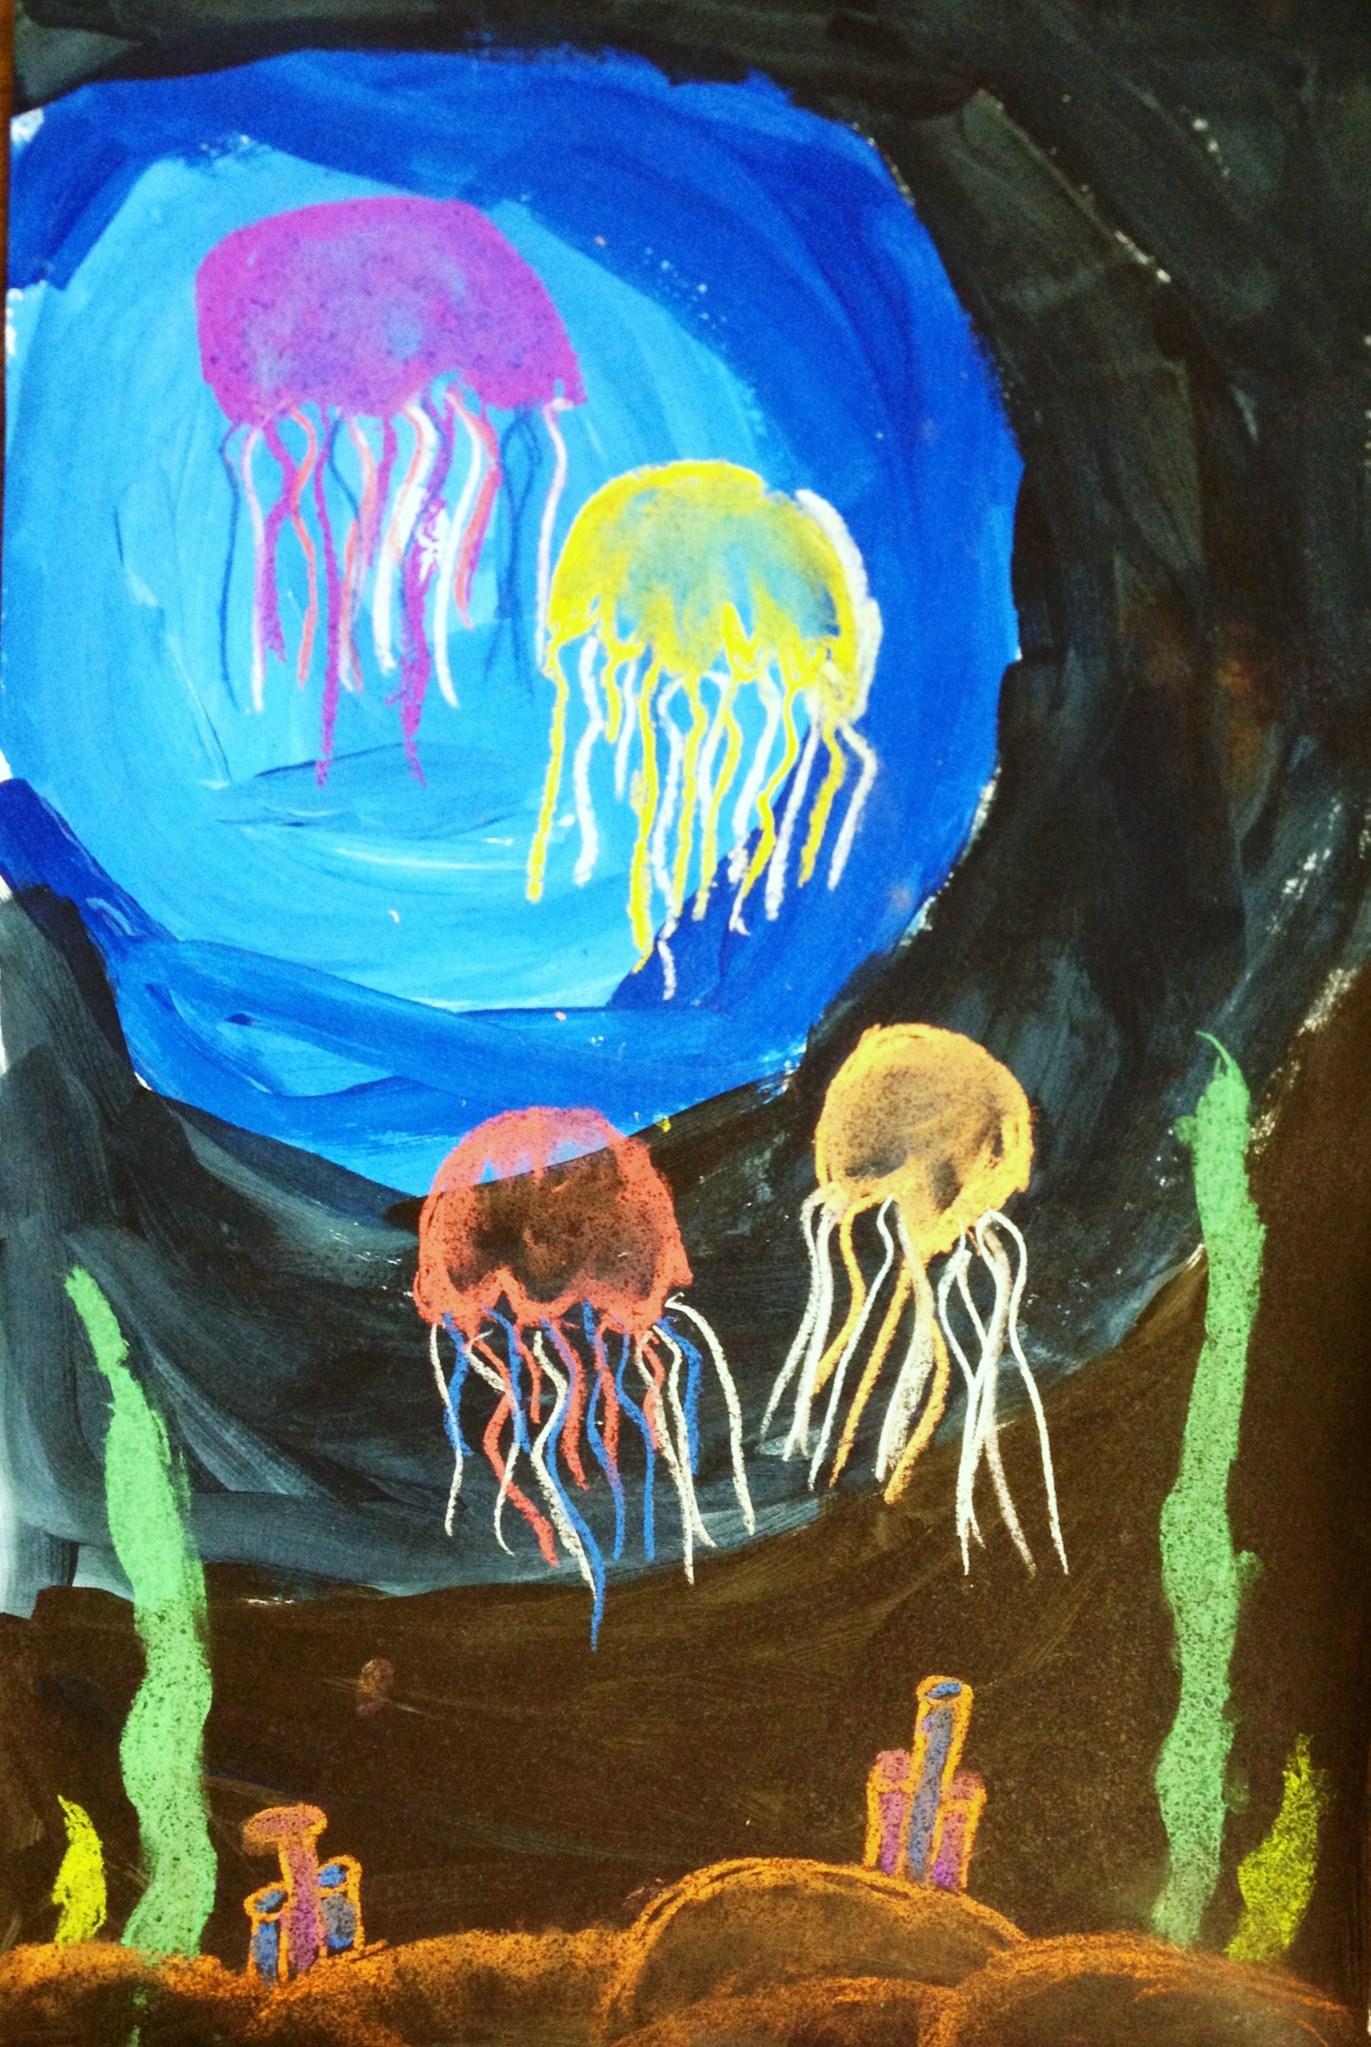 Jelly Fish Mixed Media Value Lesson